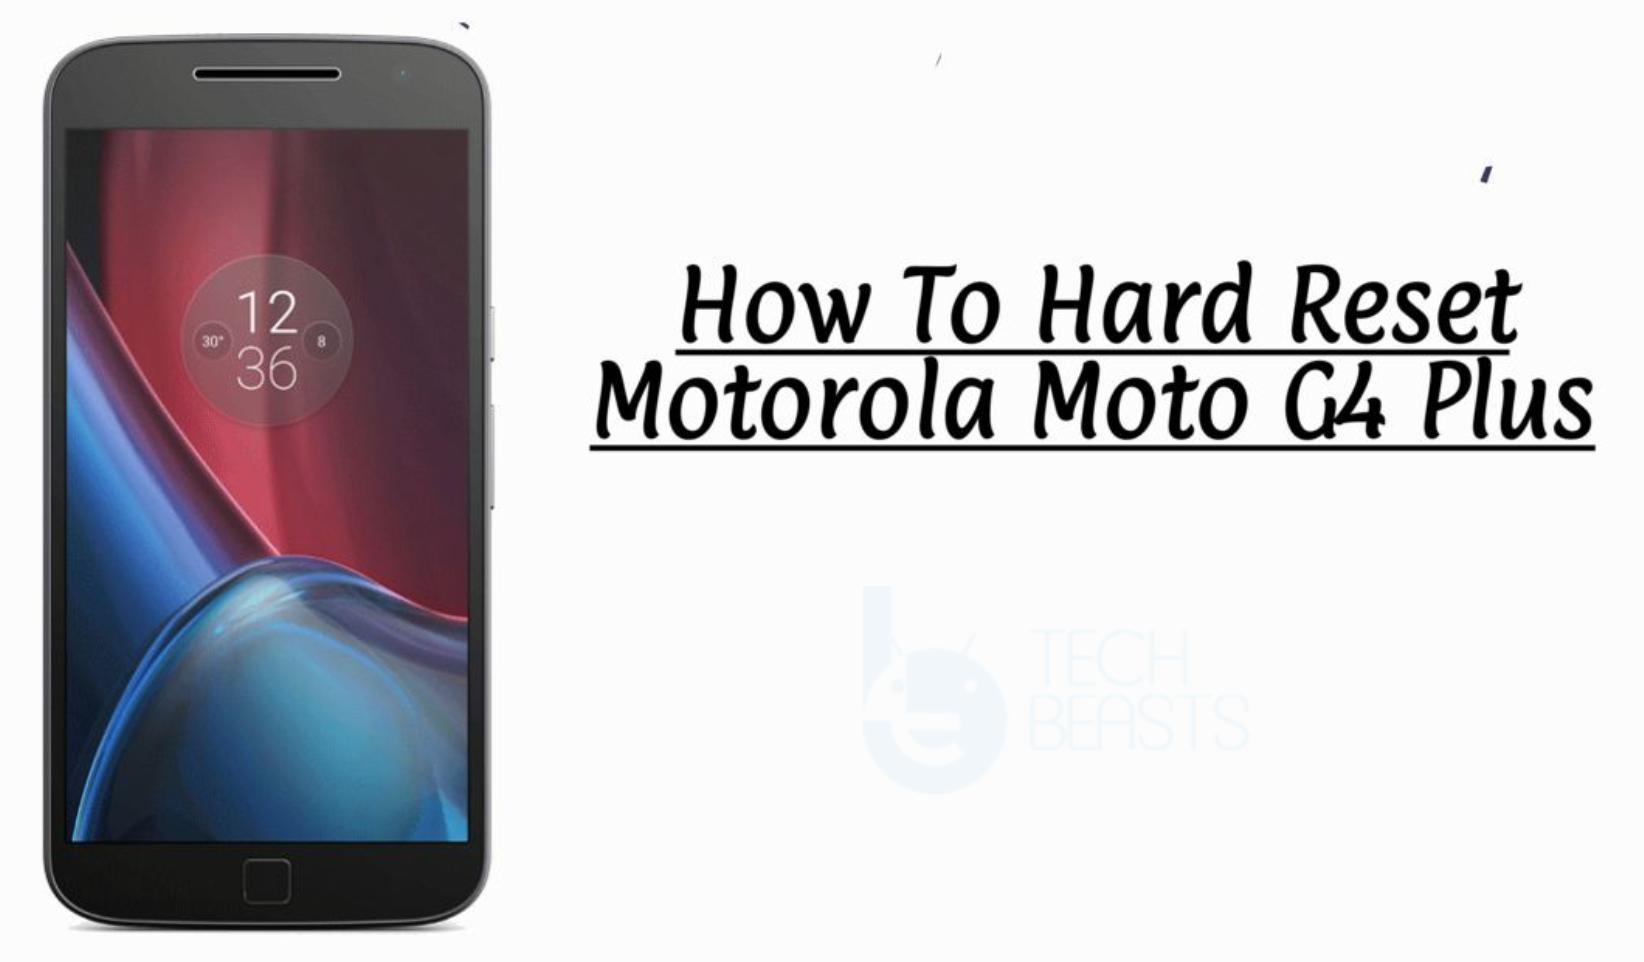 Hard Reset Motorola Moto G4 Plus